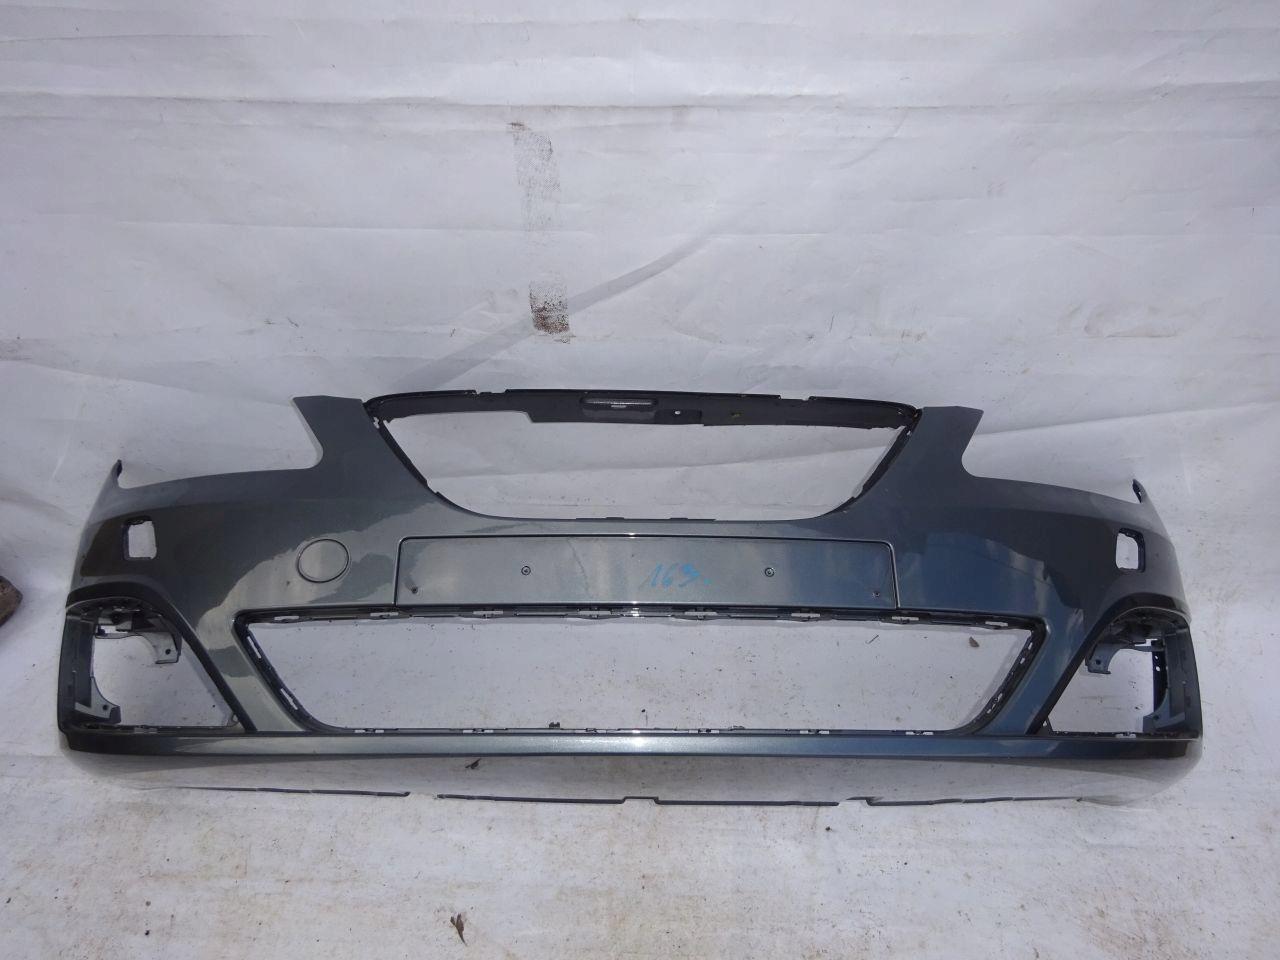 Zderzak przód przedni Seat Exeo 3R0 09-15